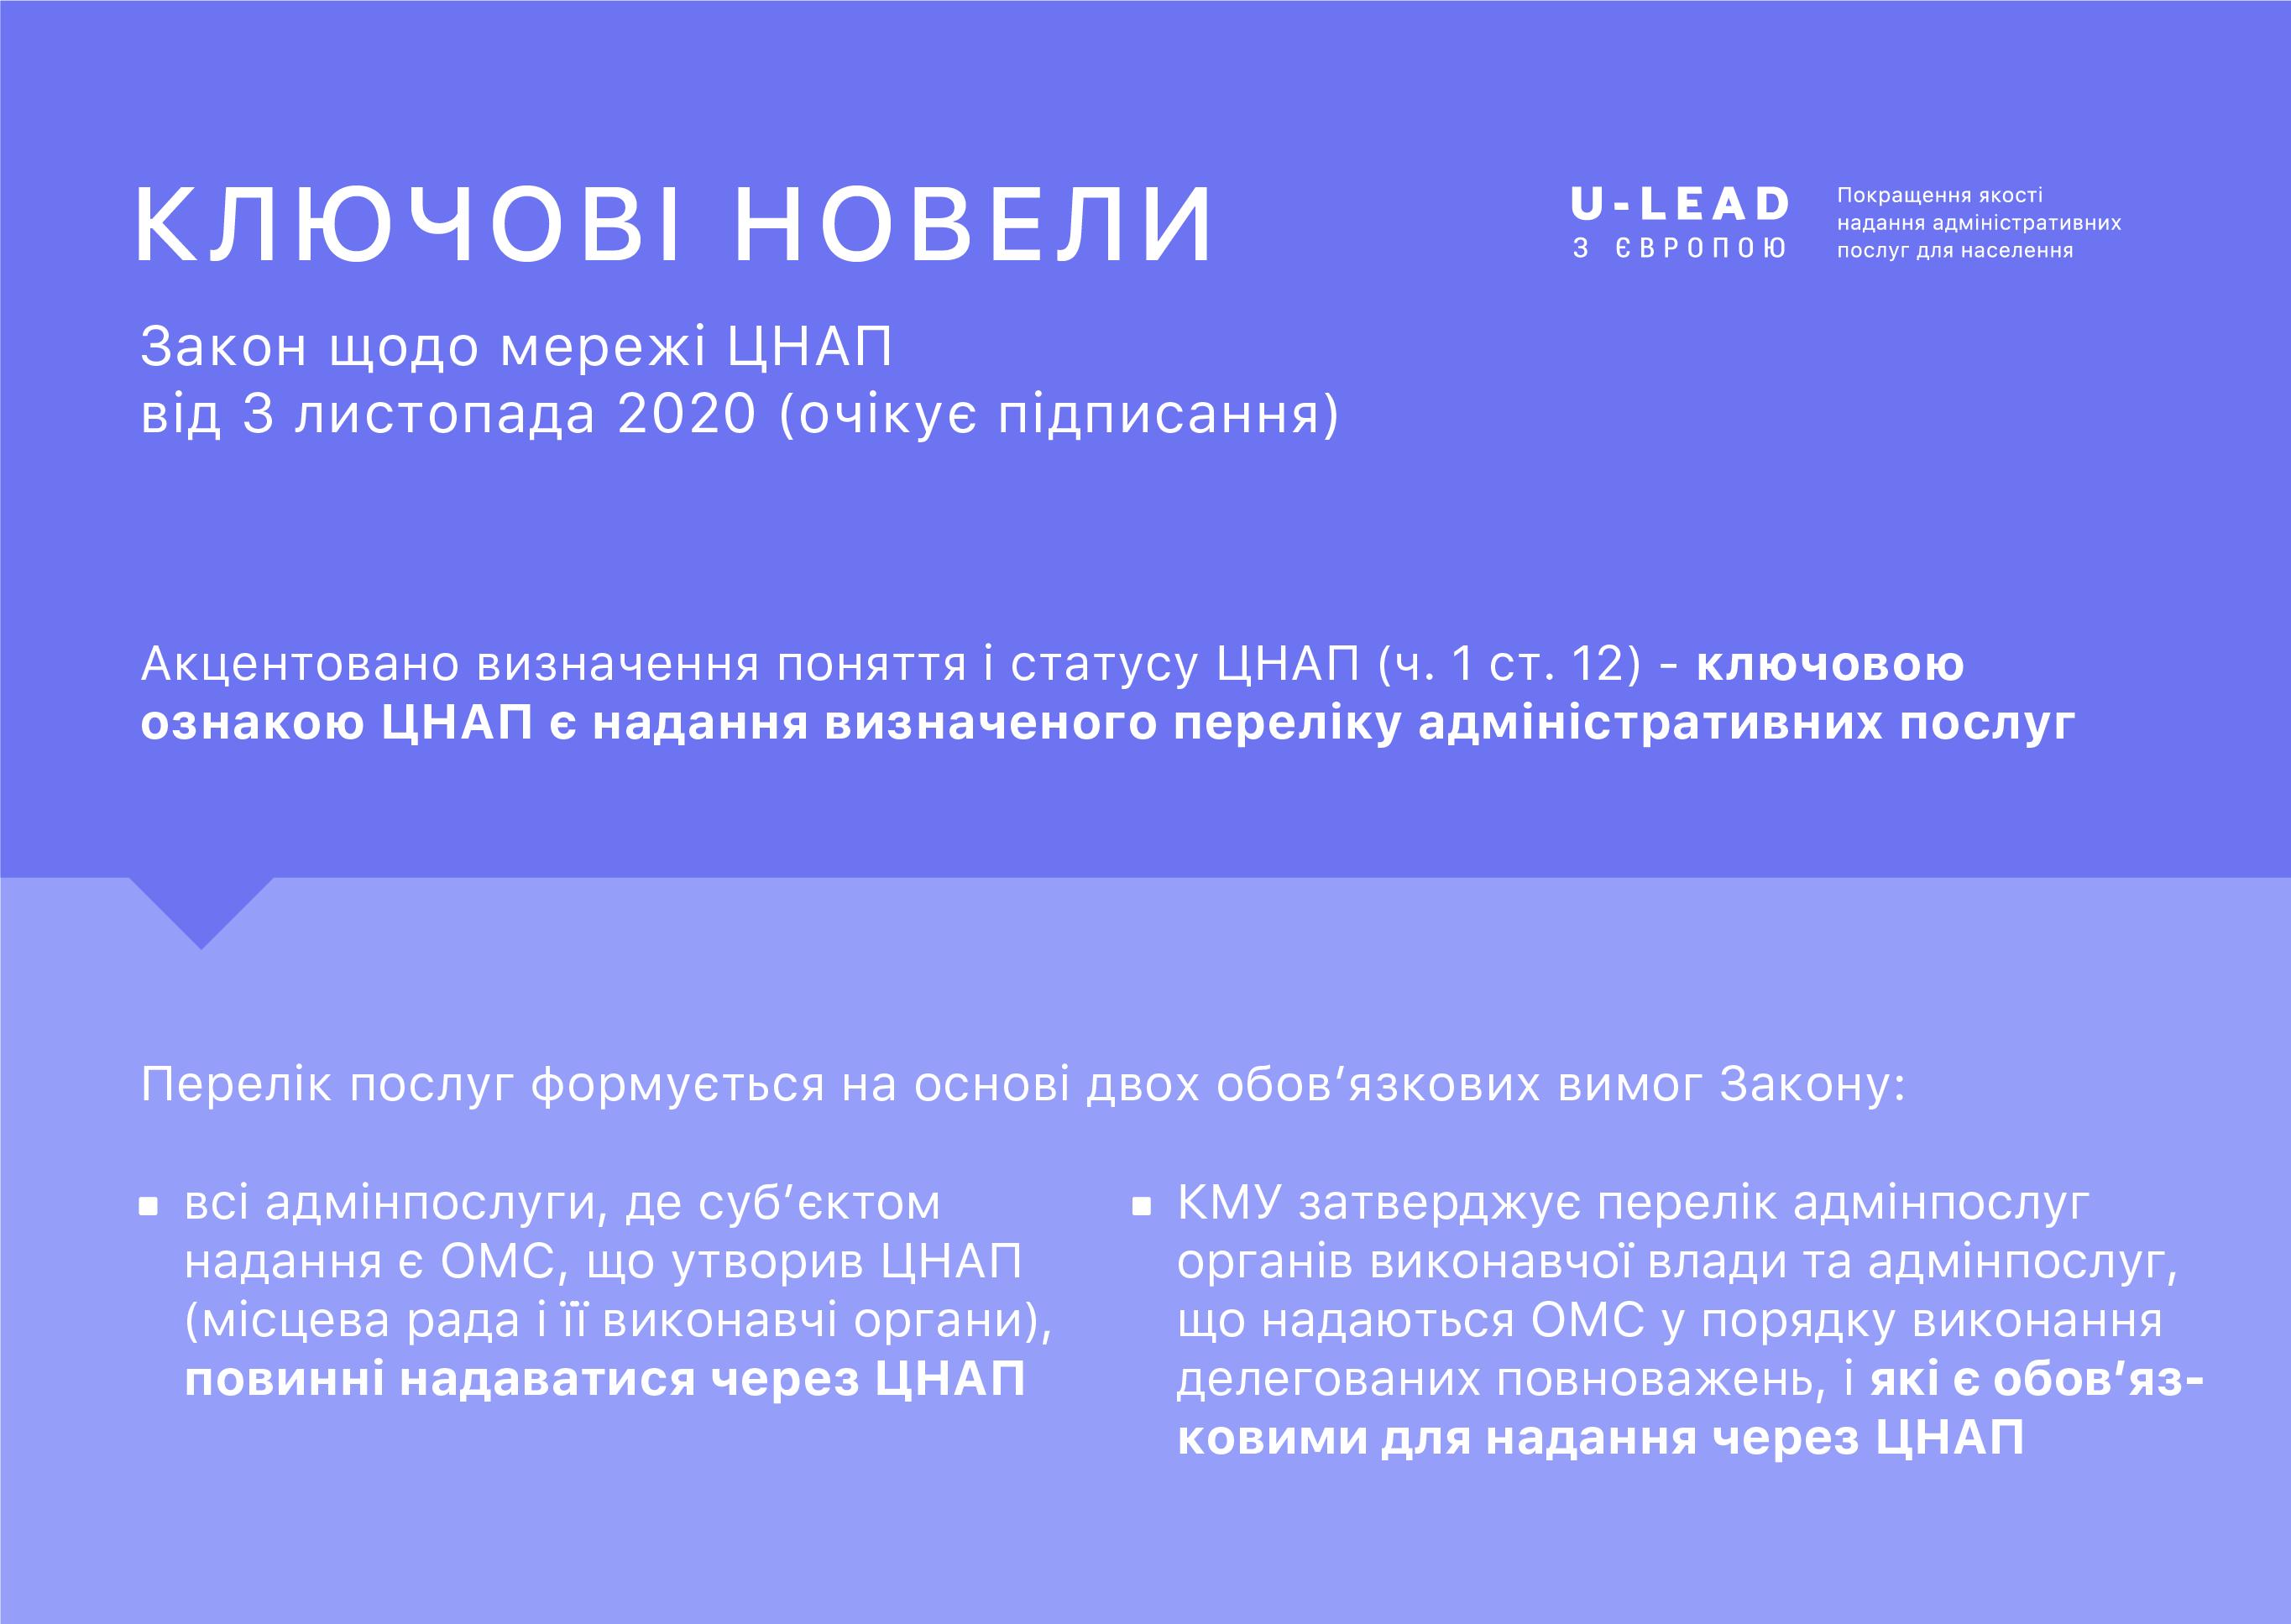 9 листопада - онлайн-обговорення нововведень законопроекту про мережу ЦНАП